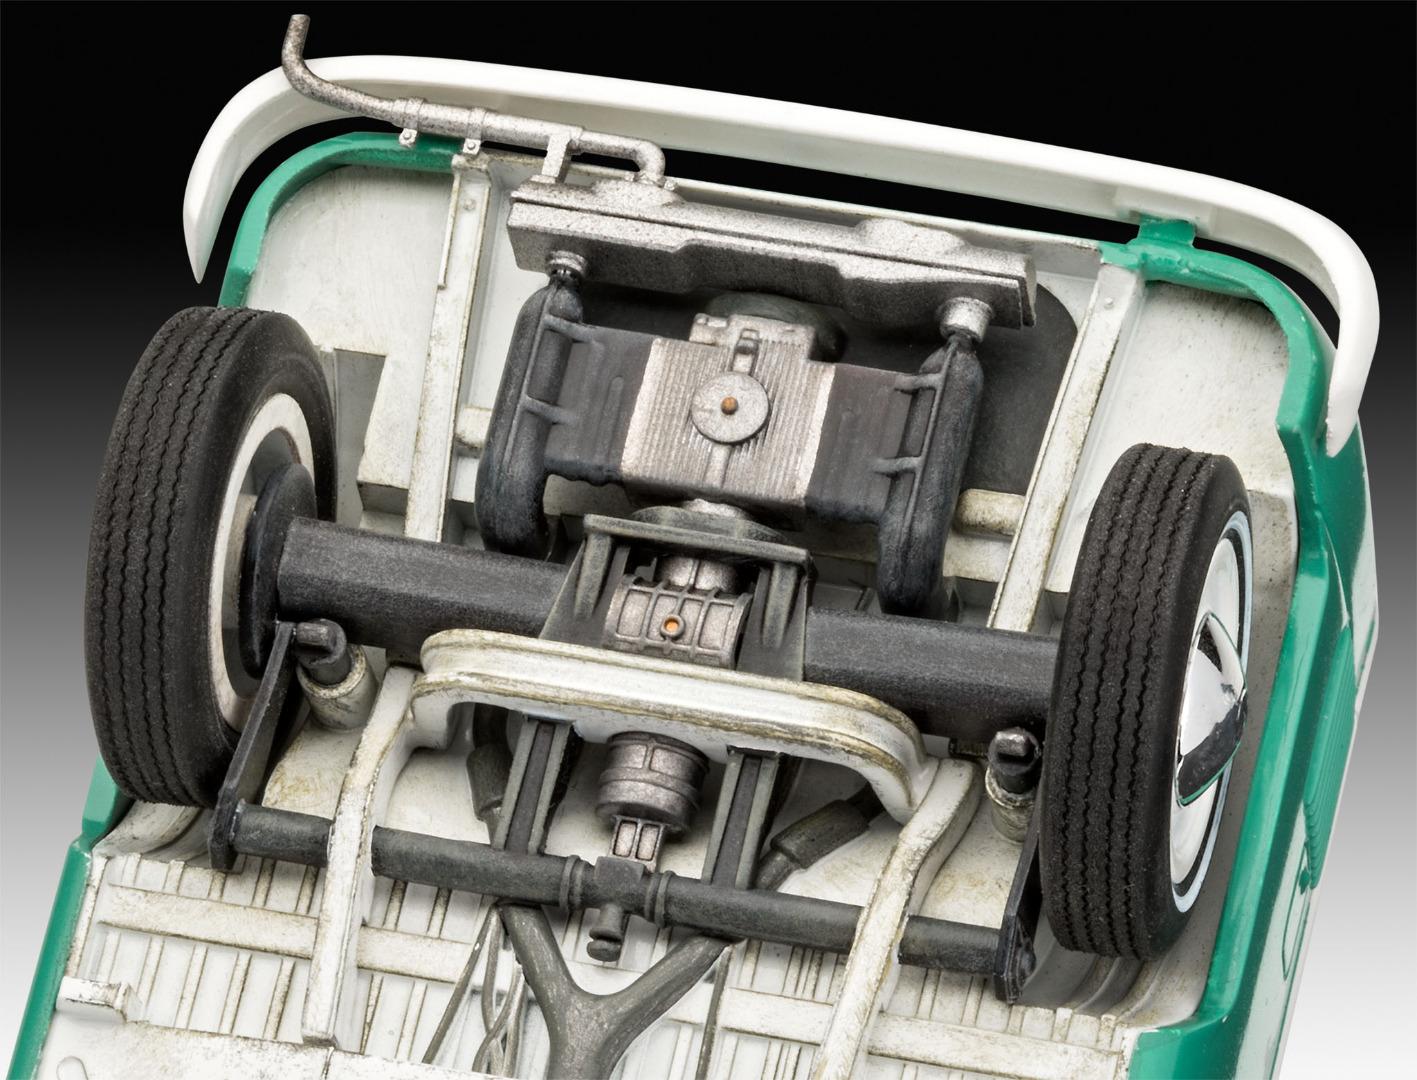 Revell Model Kit VW T1 Bus Scale 1:24